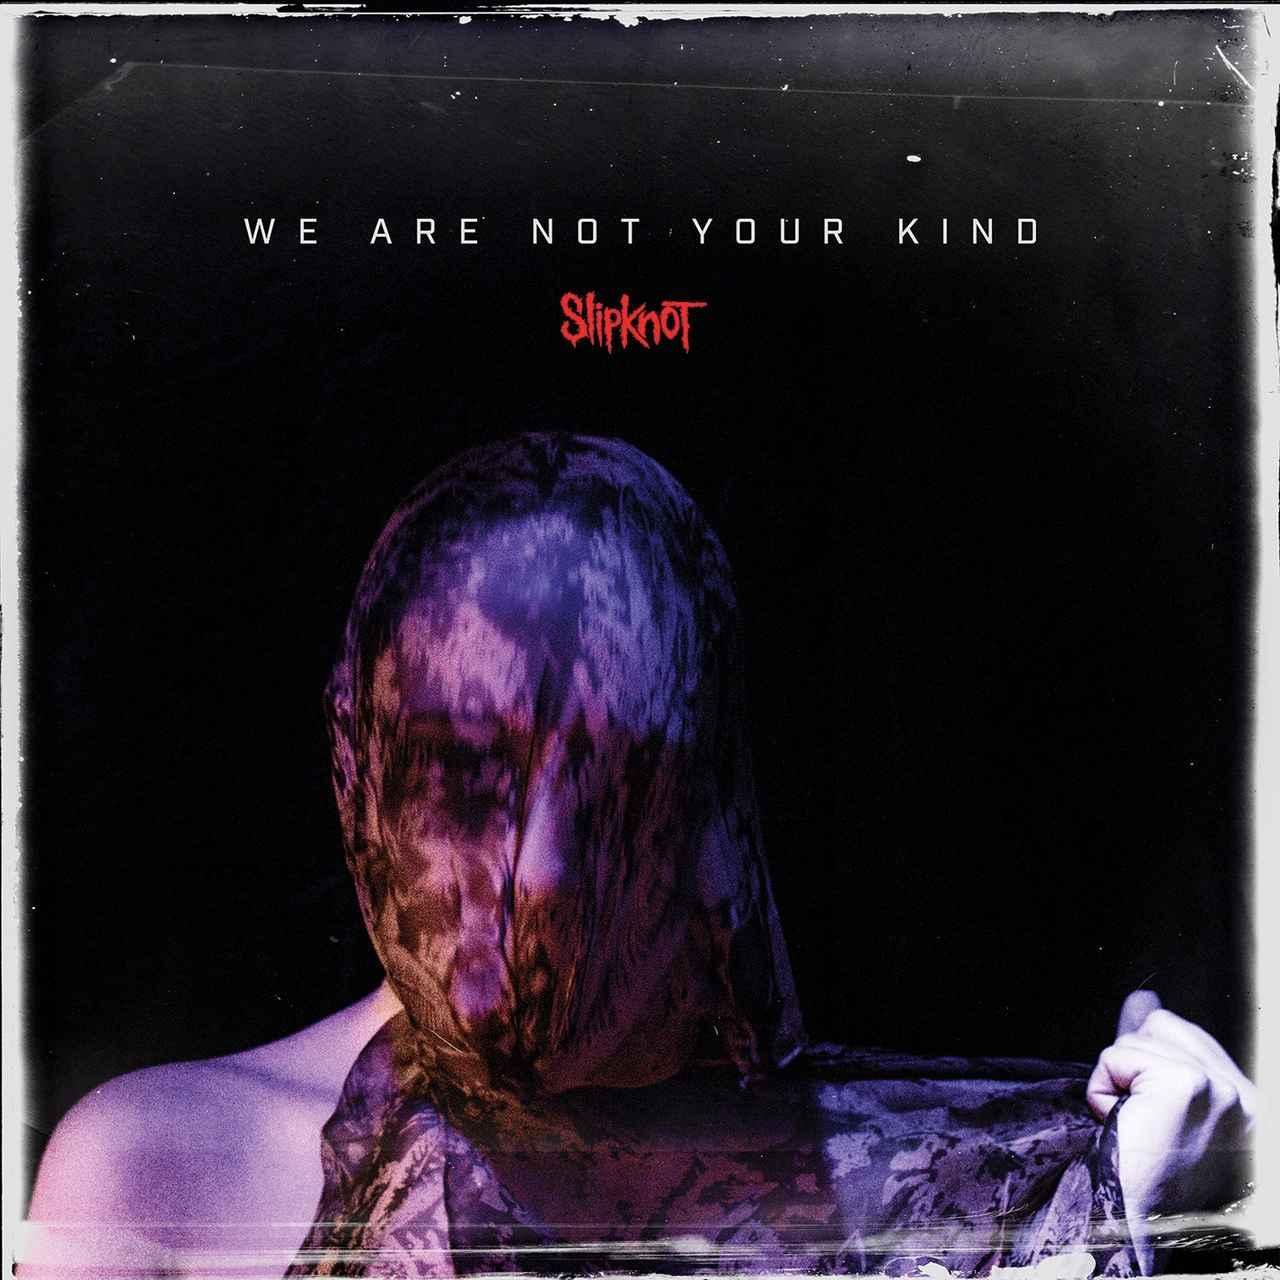 画像: We Are Not Your Kind / Slipknot